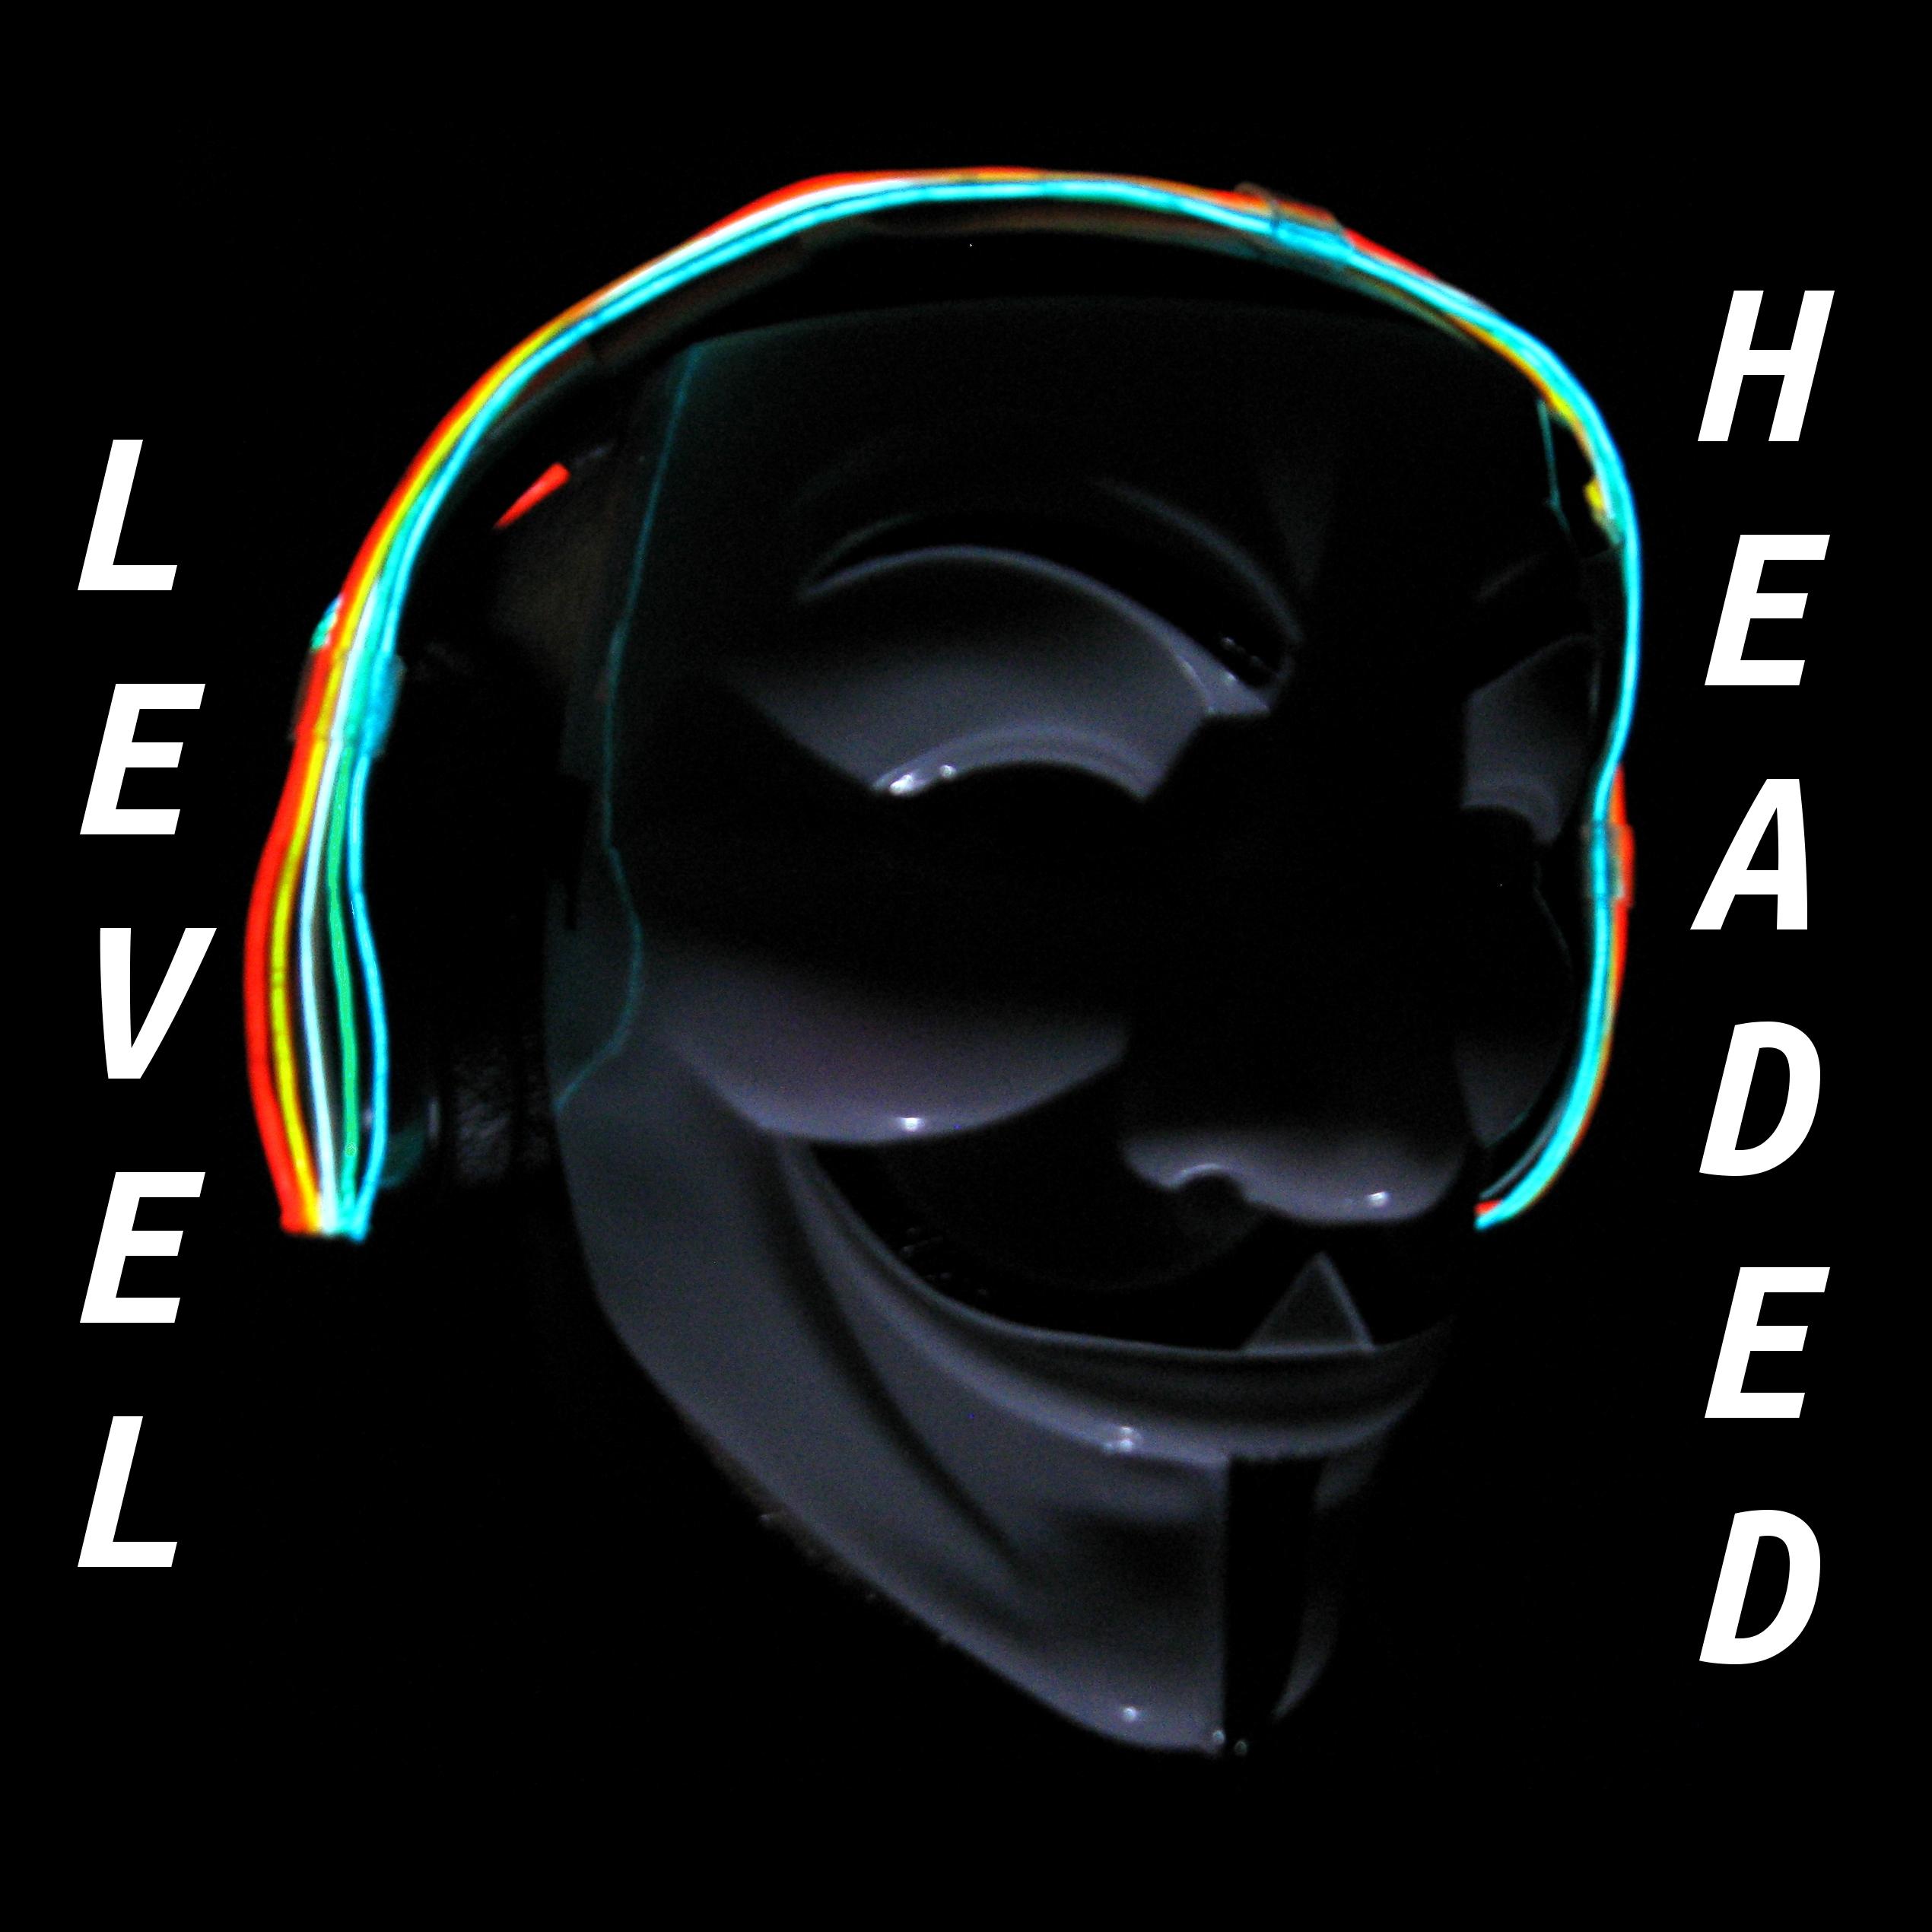 LEVEL HEADED - EL WIRE HEADPHONES